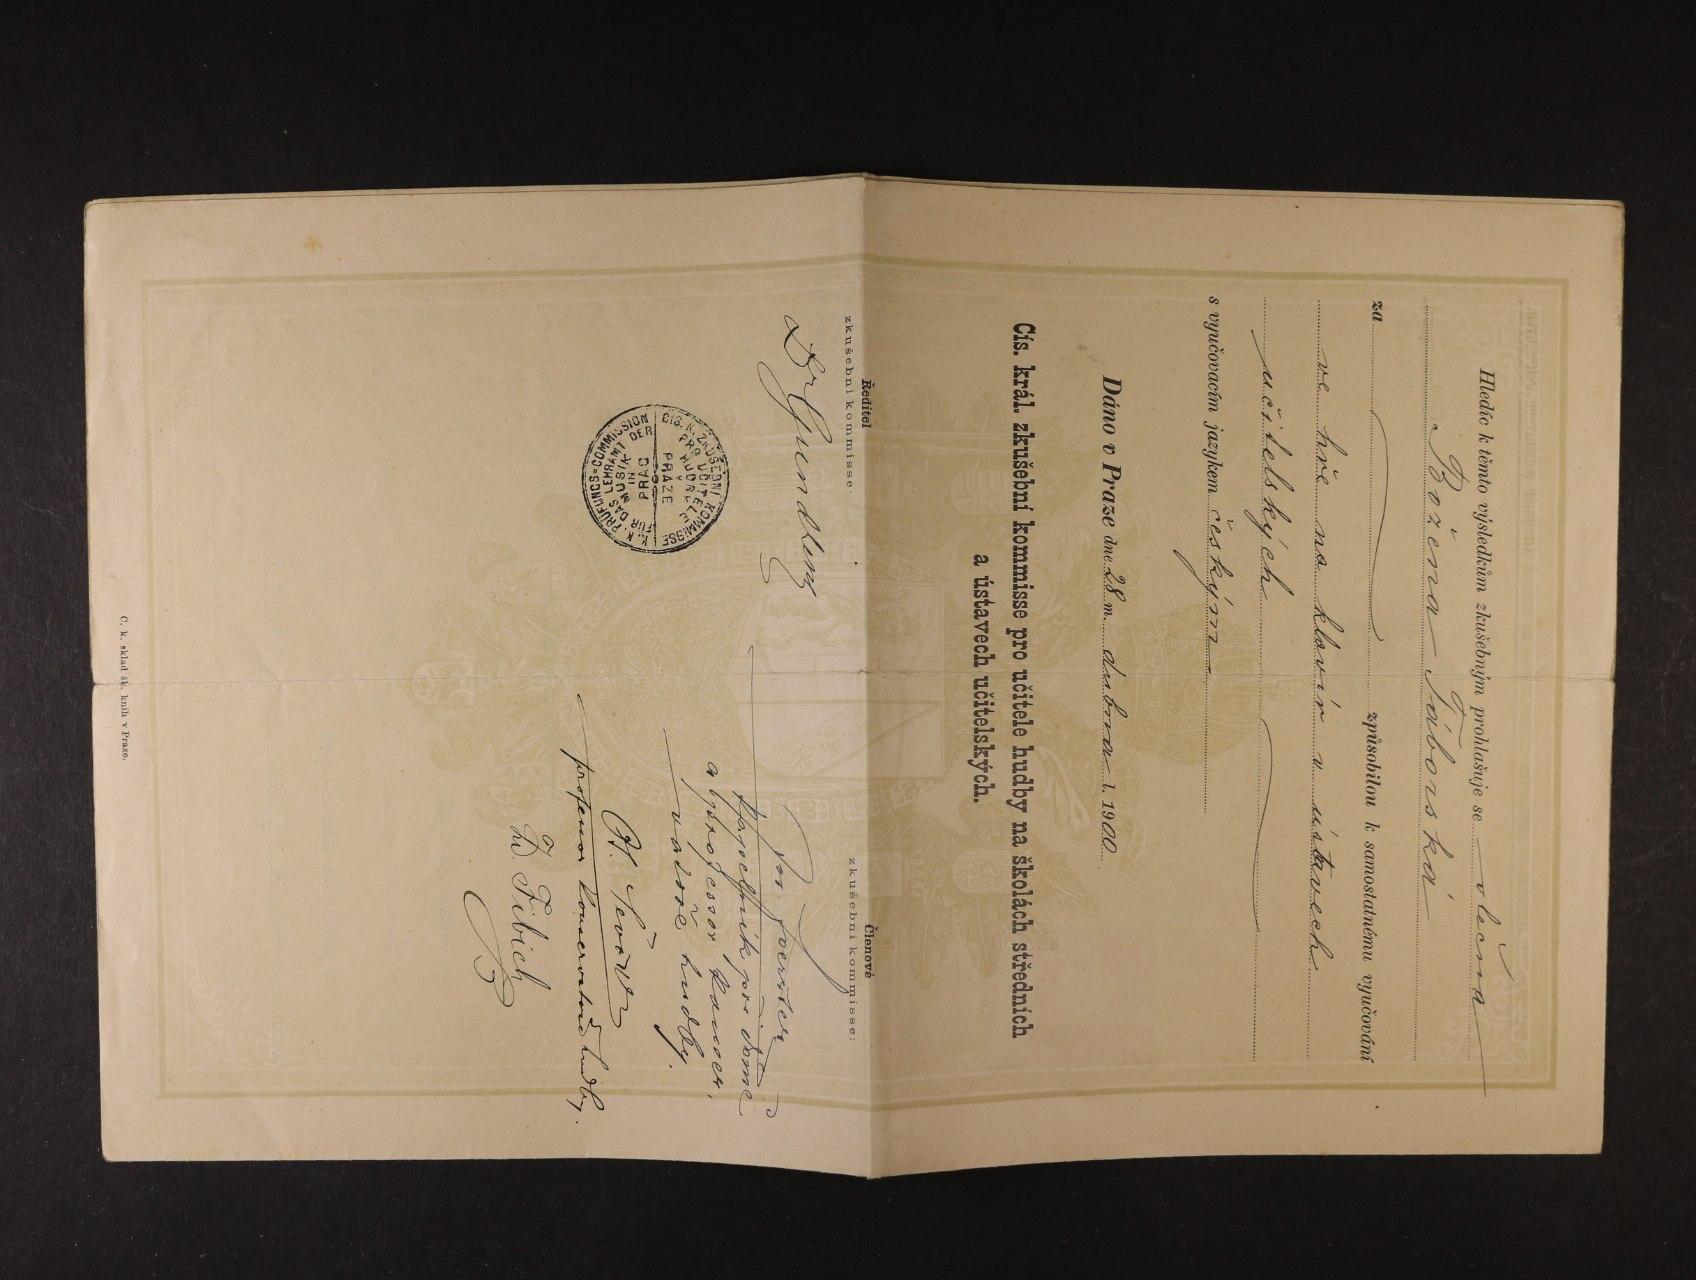 Fibich Zdeněk - 1850 - 1900, vysvědčení o spůsobilosti k vyučování hudbě s datací Praha 28.dubna 1900, podepsané členy komise Zd. Fibich, Ot. Ševčík, Jos. Foerster